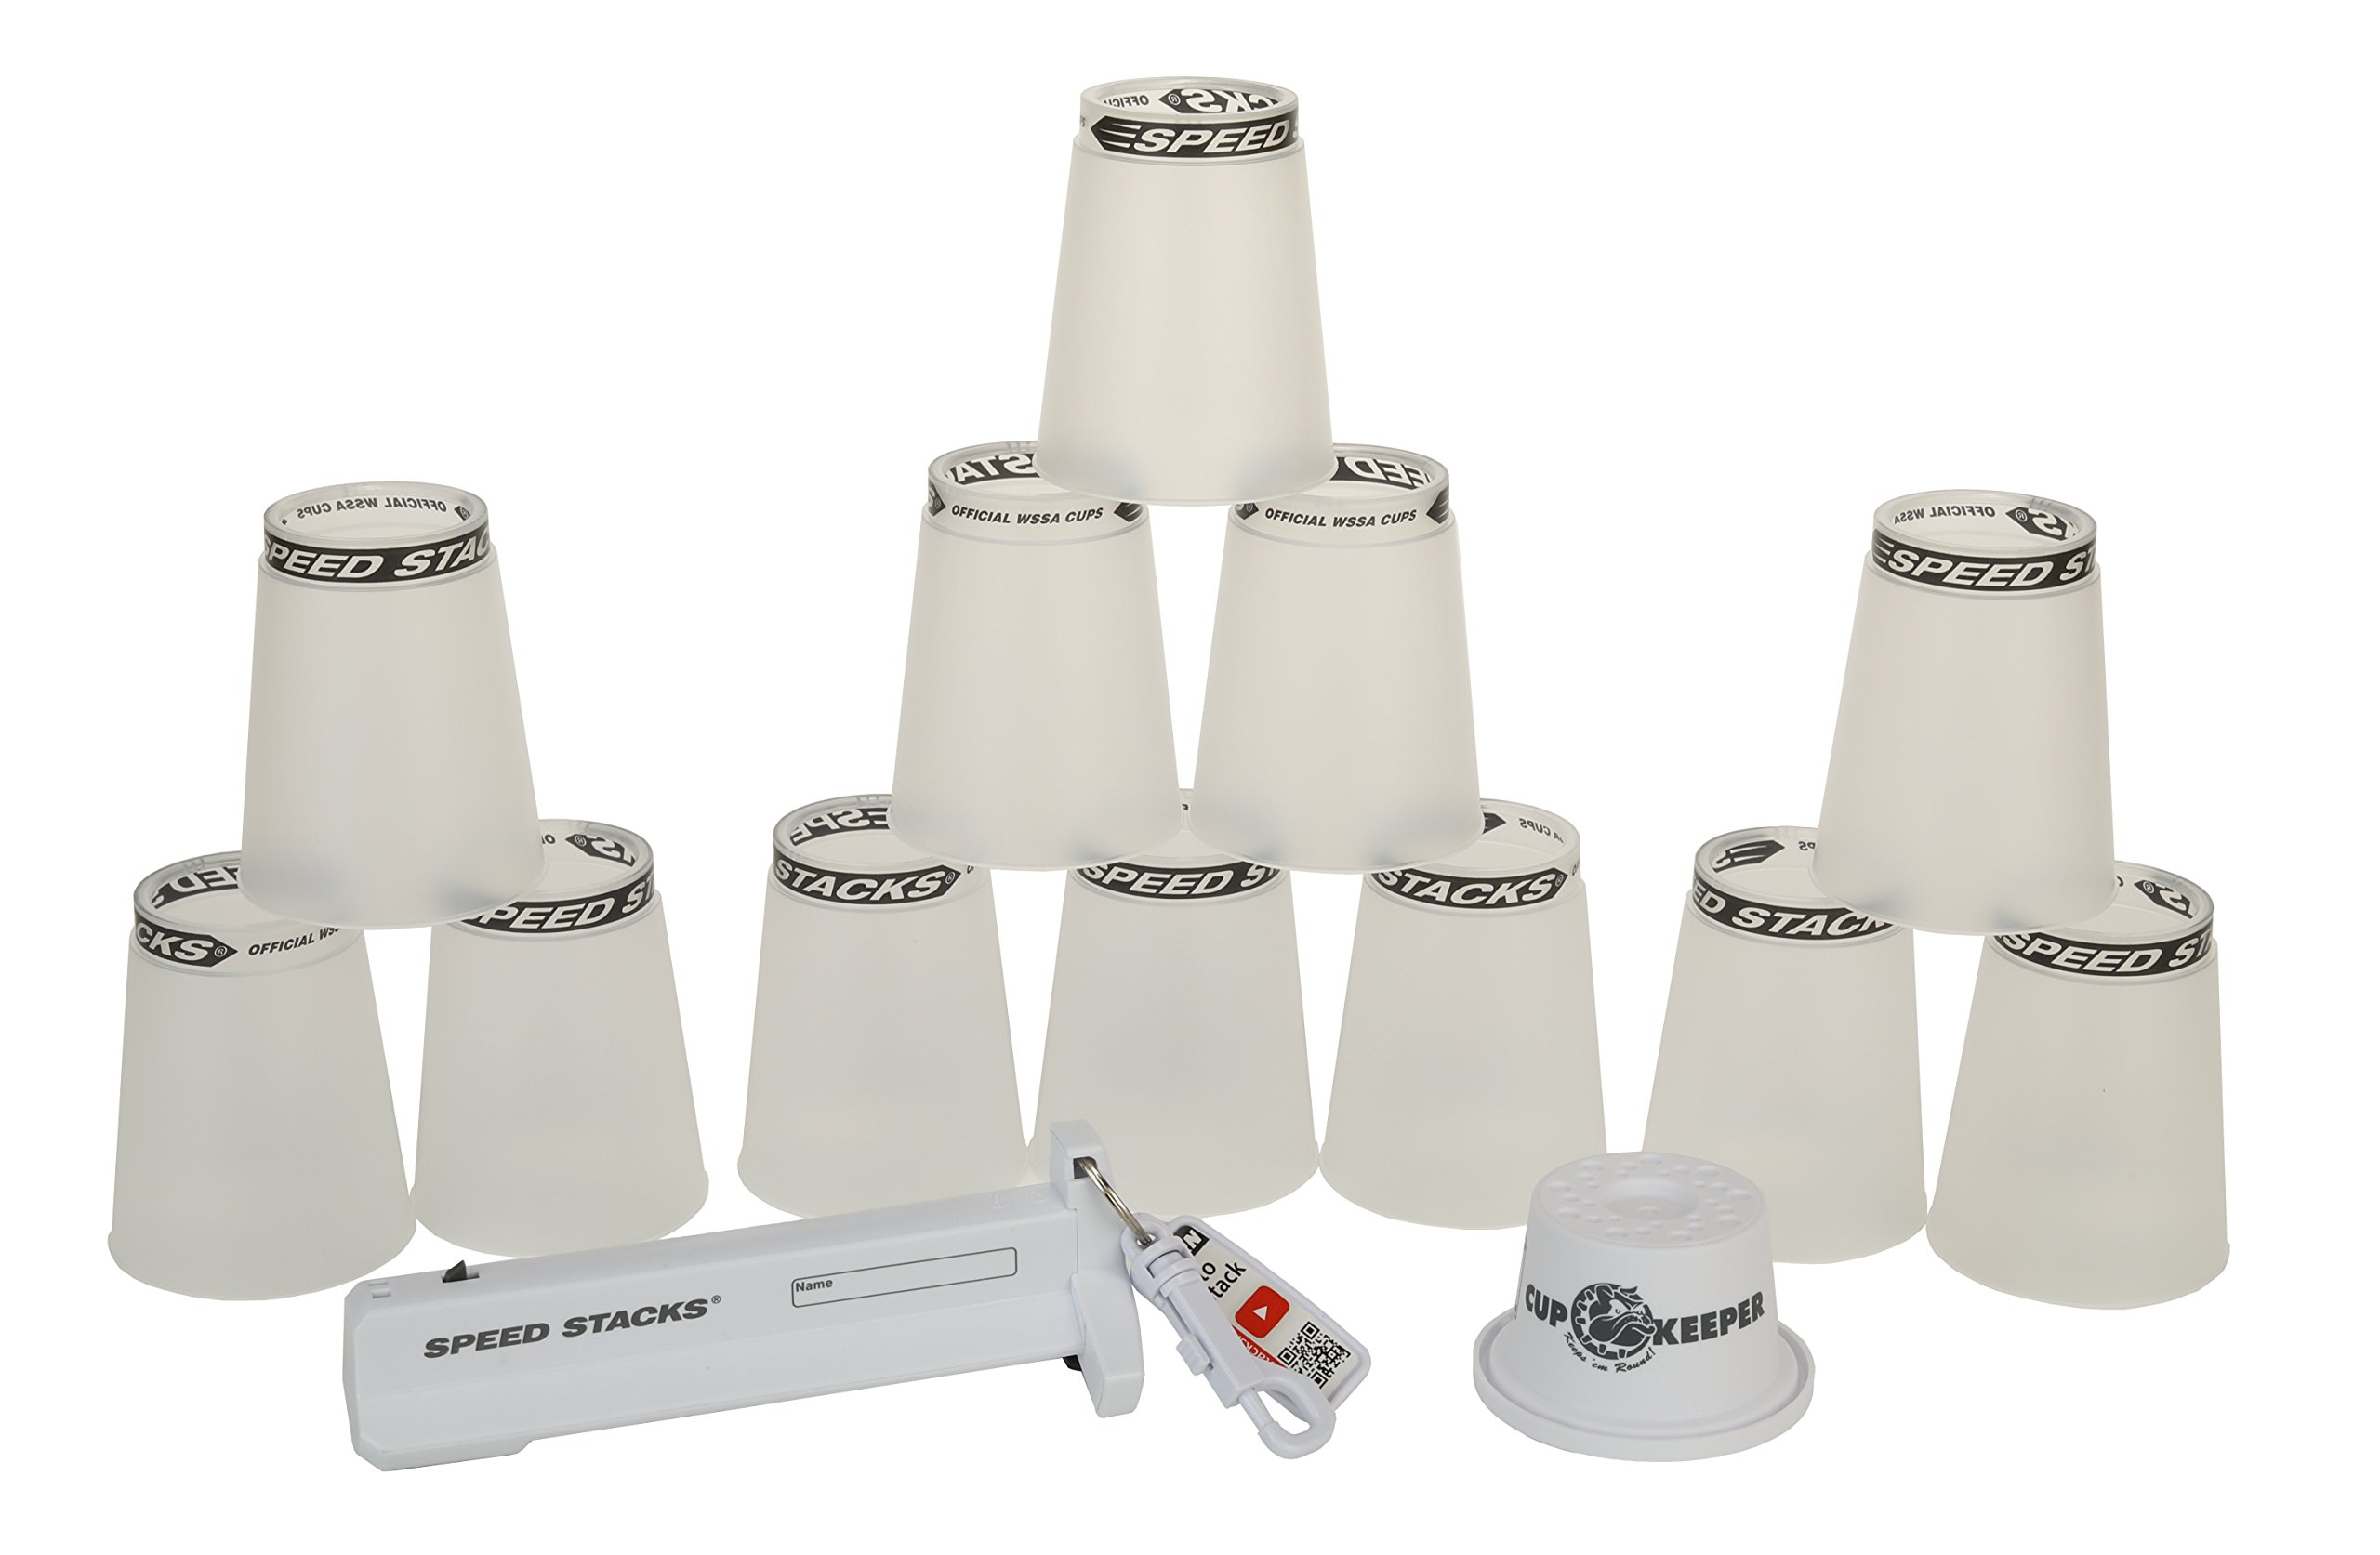 Speed Stacks Set - Pro Series 2X